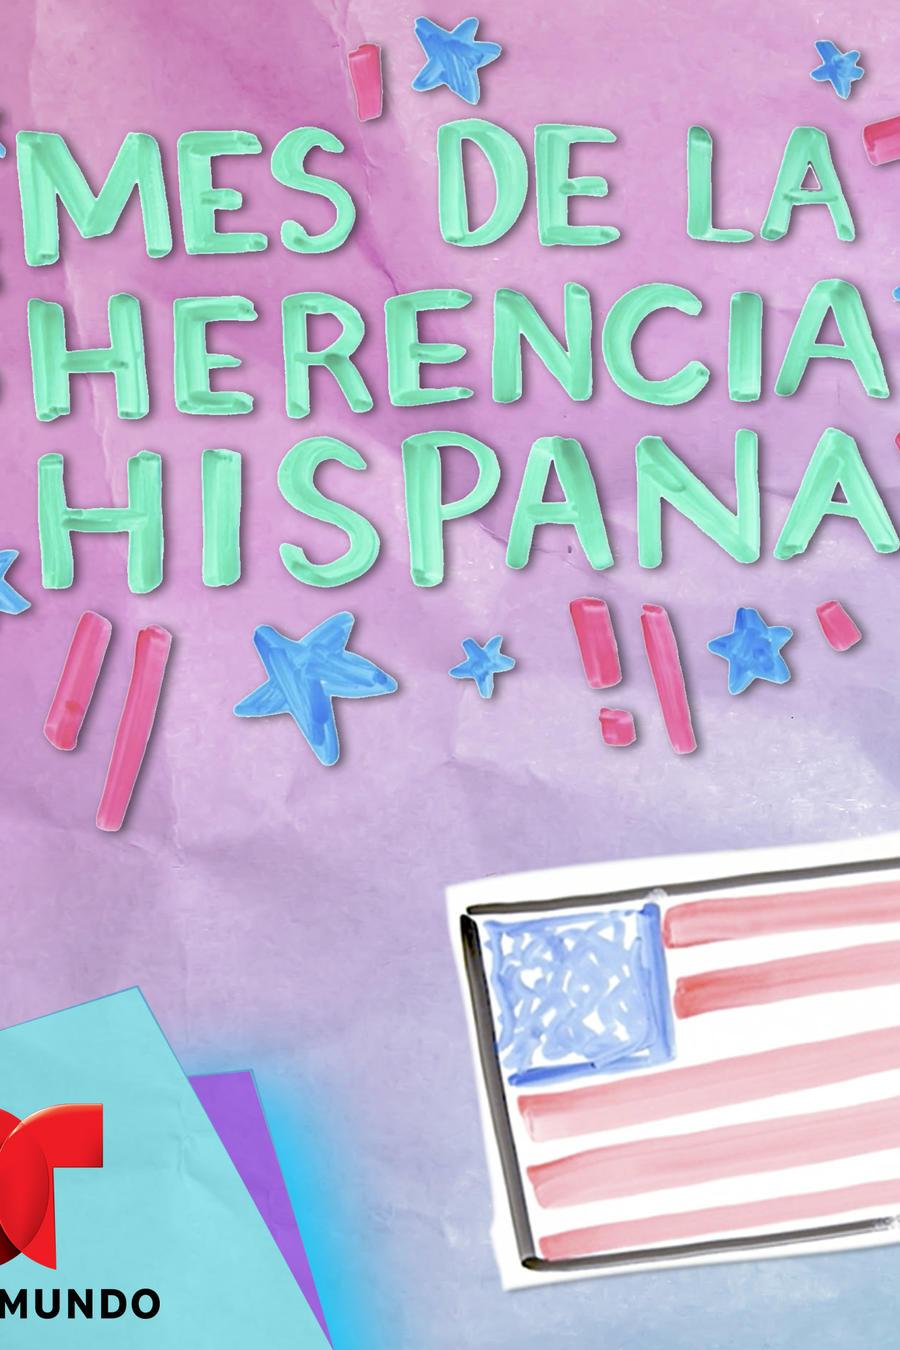 Ilustrando Mi Vida: Mes de la Herencia Hispana